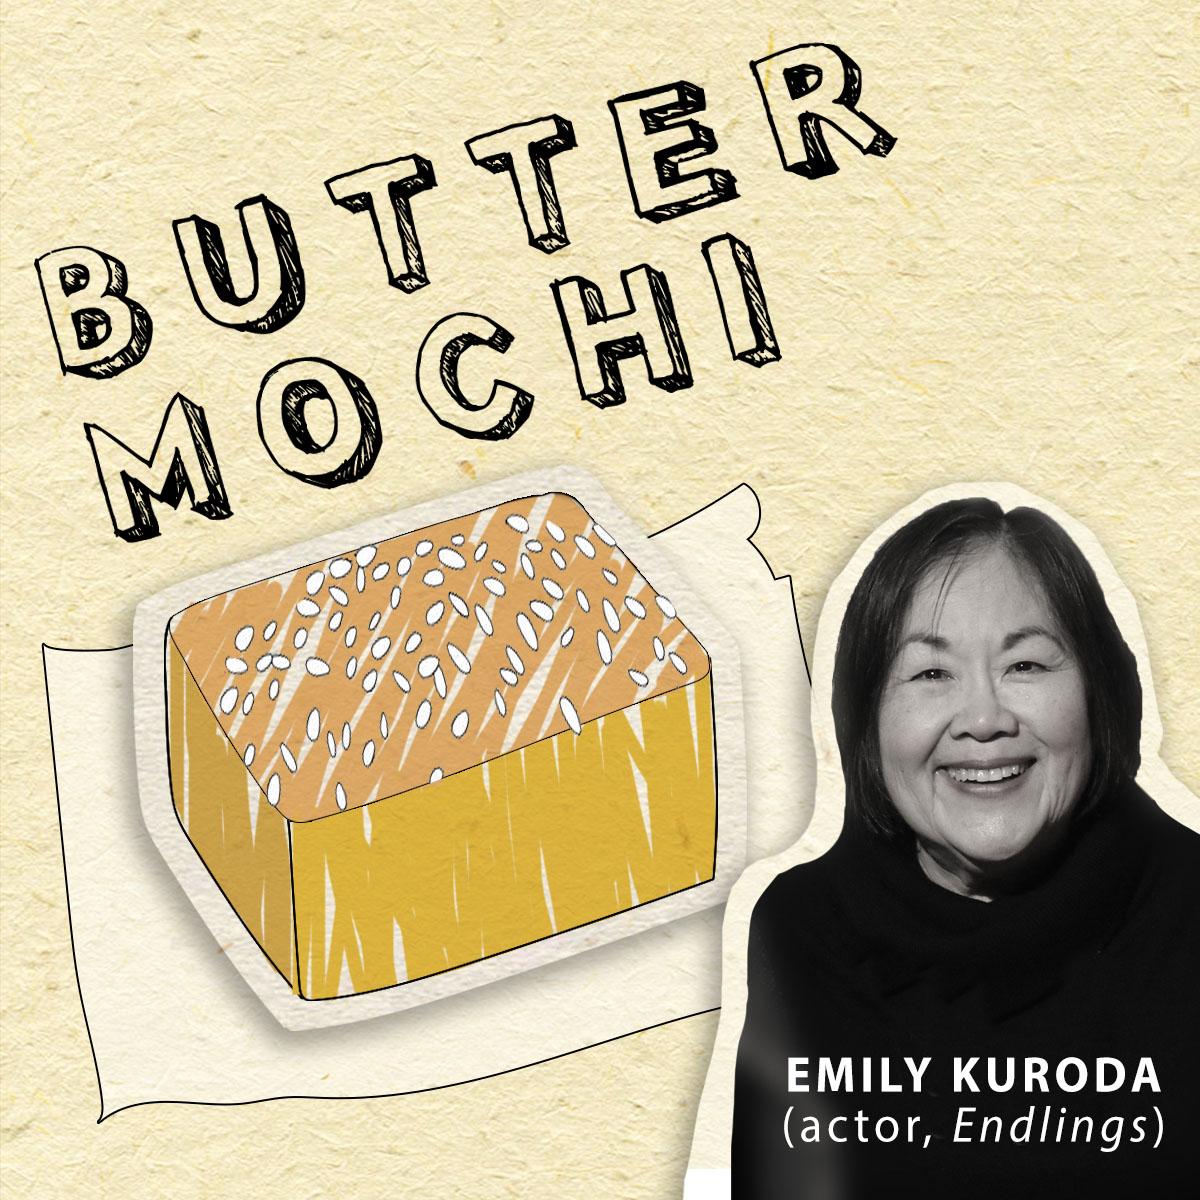 BUTTER MOCHI - Emily Kuroda, actor (Endlings)